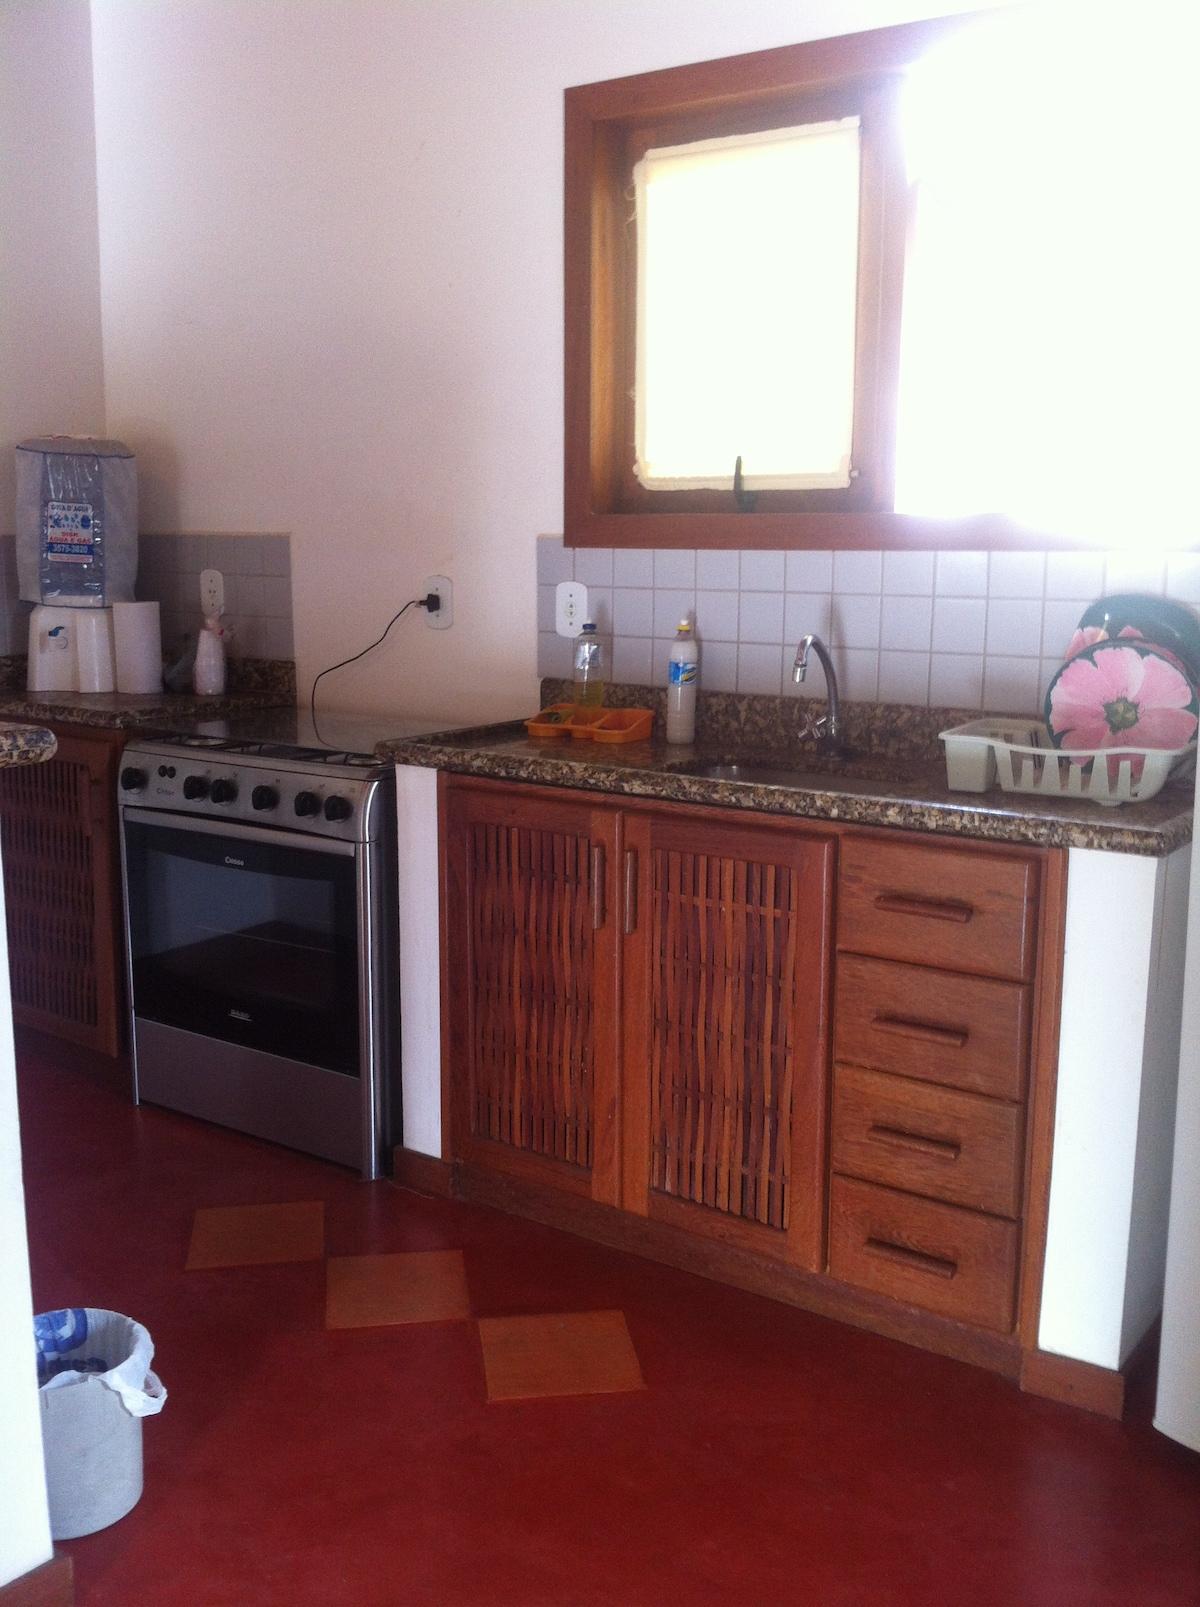 cozinha com grande fogao